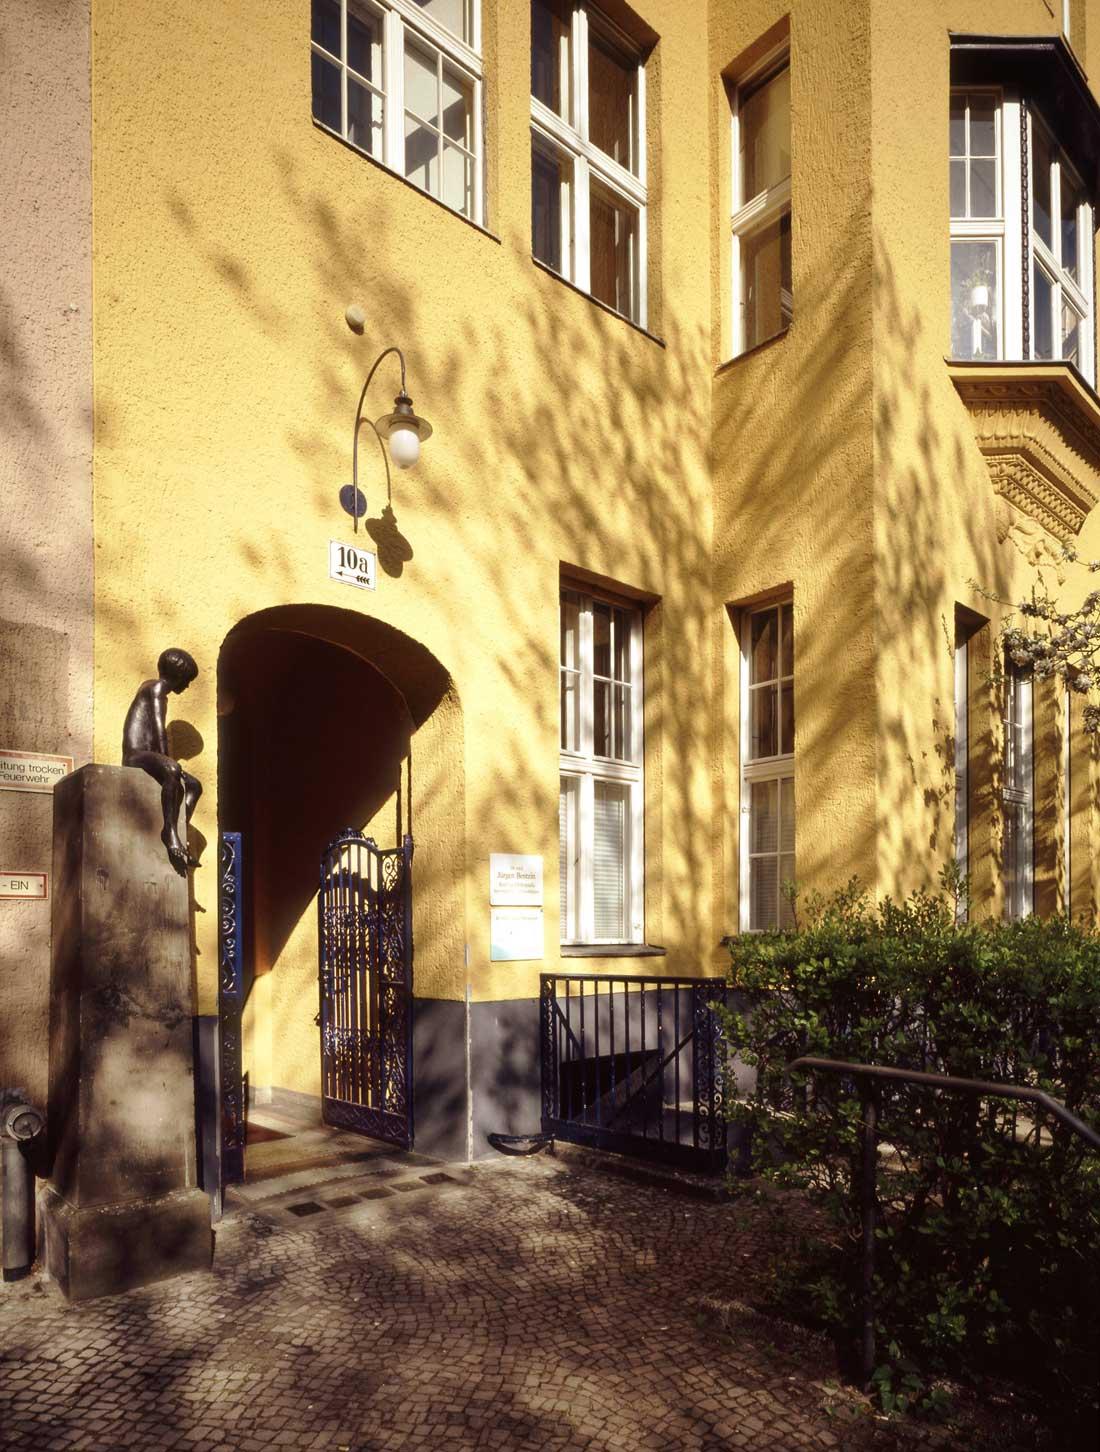 Gabriele Riesner, Architektin, Berlin-Wilmersdorf, Restaurierung/Modernisierung eines Mietshauses, Eingangsbereich